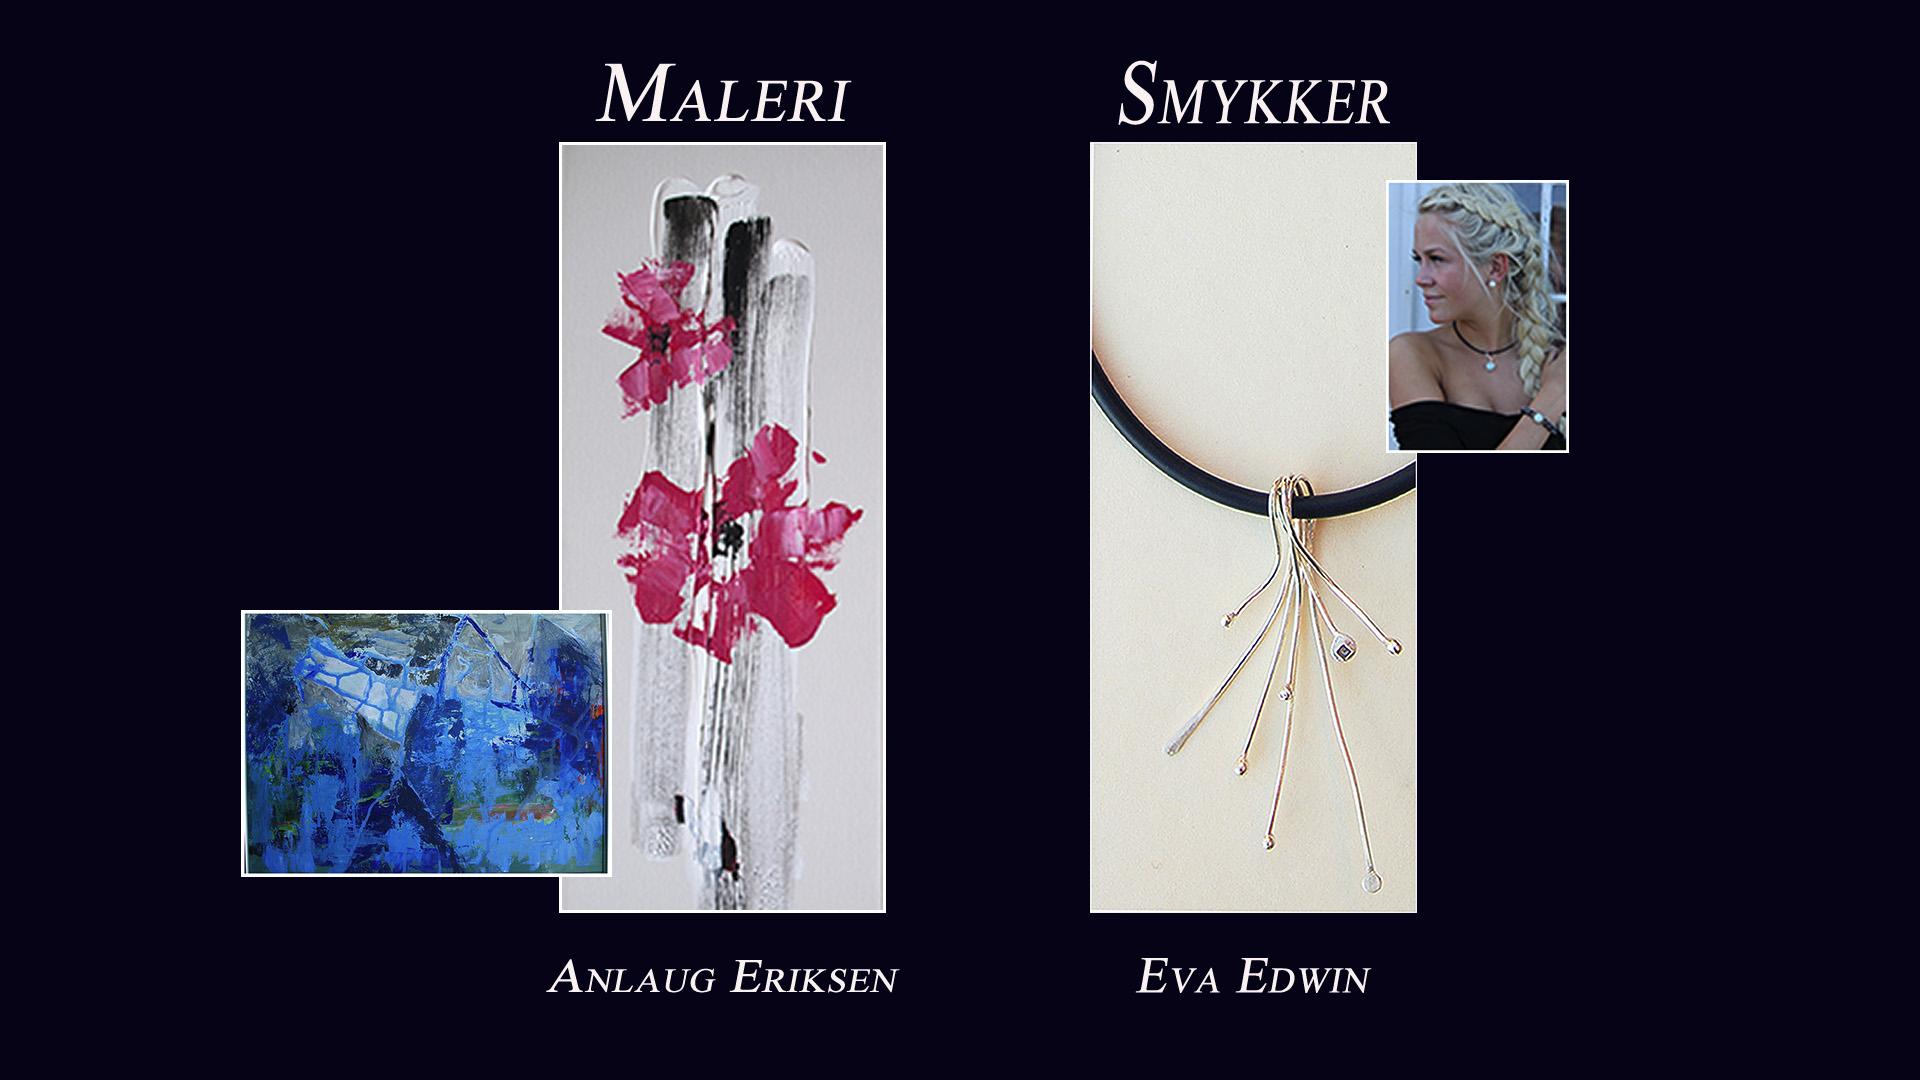 28.08 - 13.09.2015. Salgsutstilling. Maleri og smykker, Annlaug Eriksen og Eva Edwin